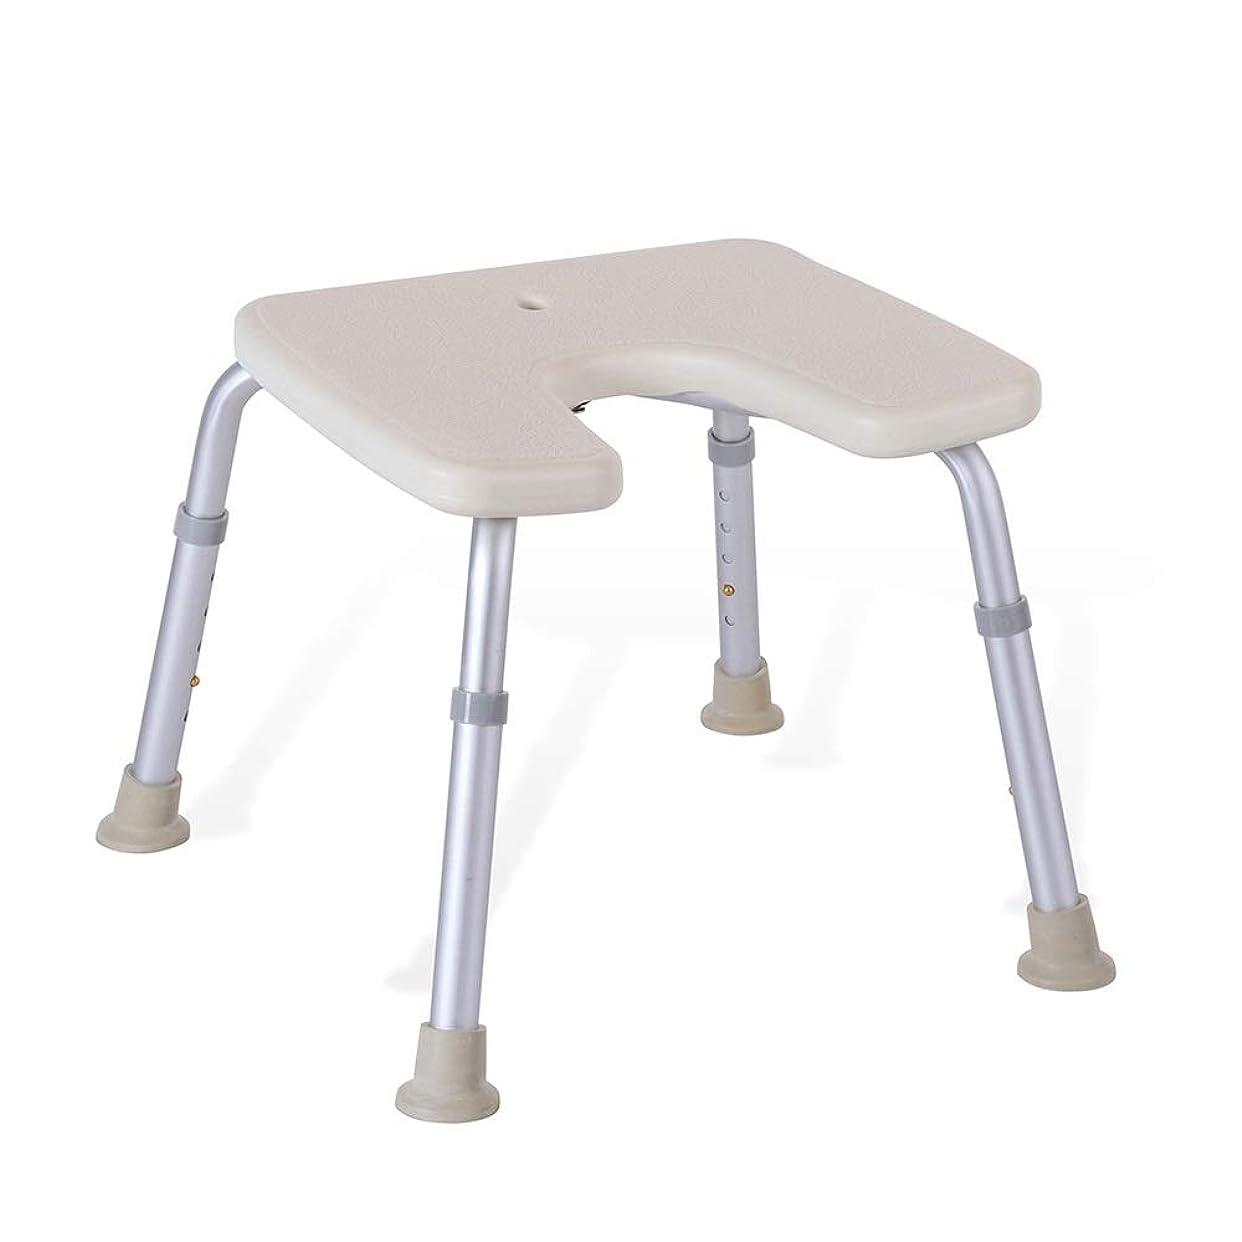 調節可能なU字型の高齢者用浴槽シート、バスチェア、保護パッド付きパッド、シャワースツール